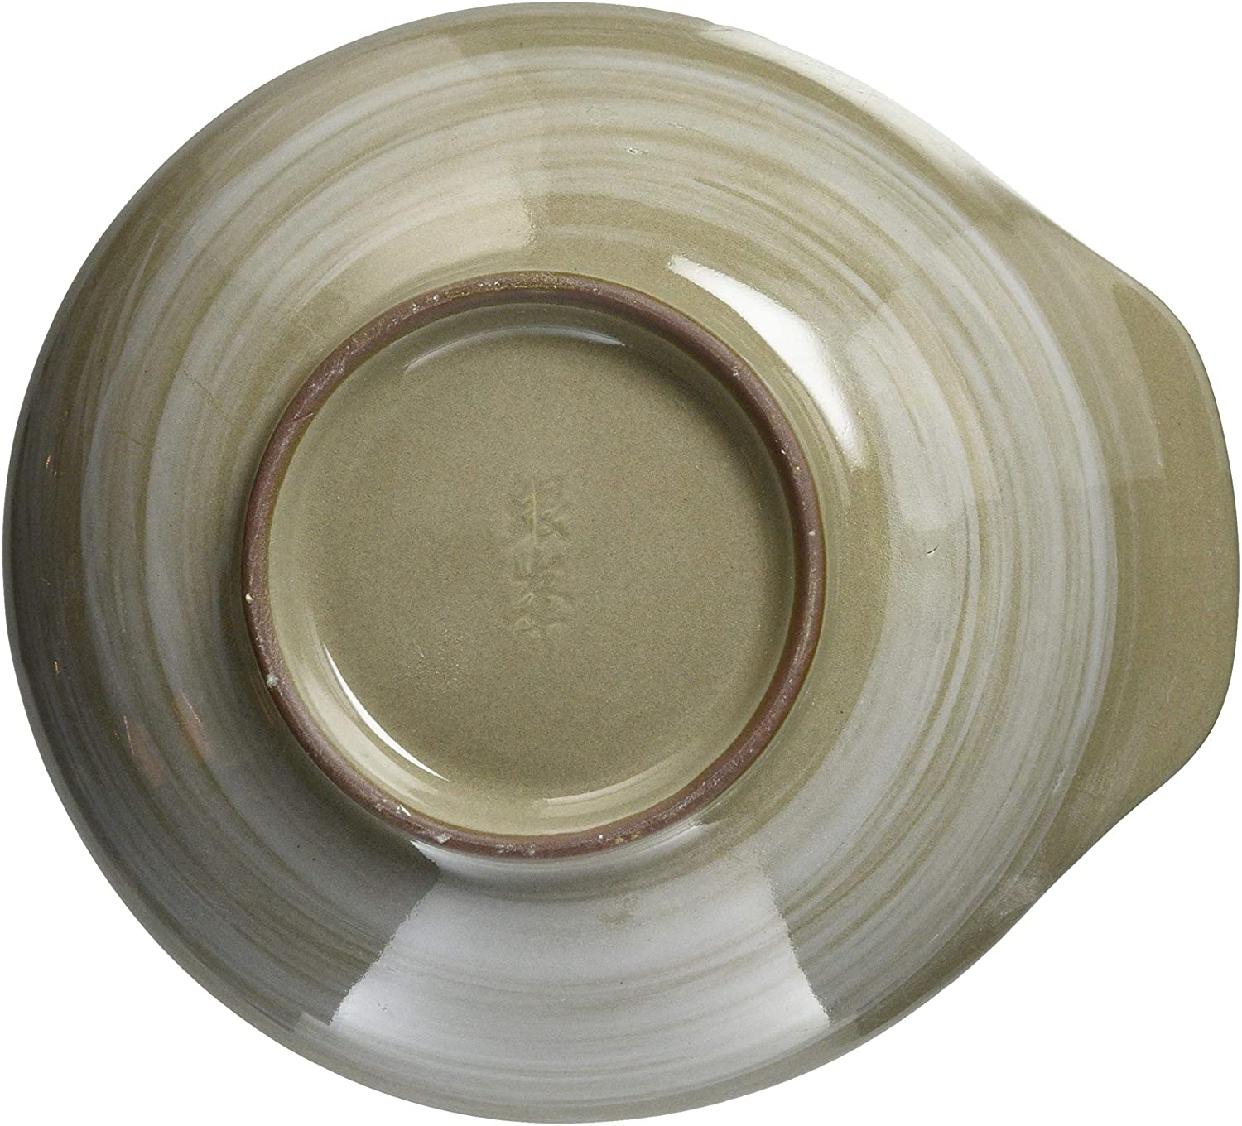 銀峯陶器 萬古焼 とんすい 花三島の商品画像3